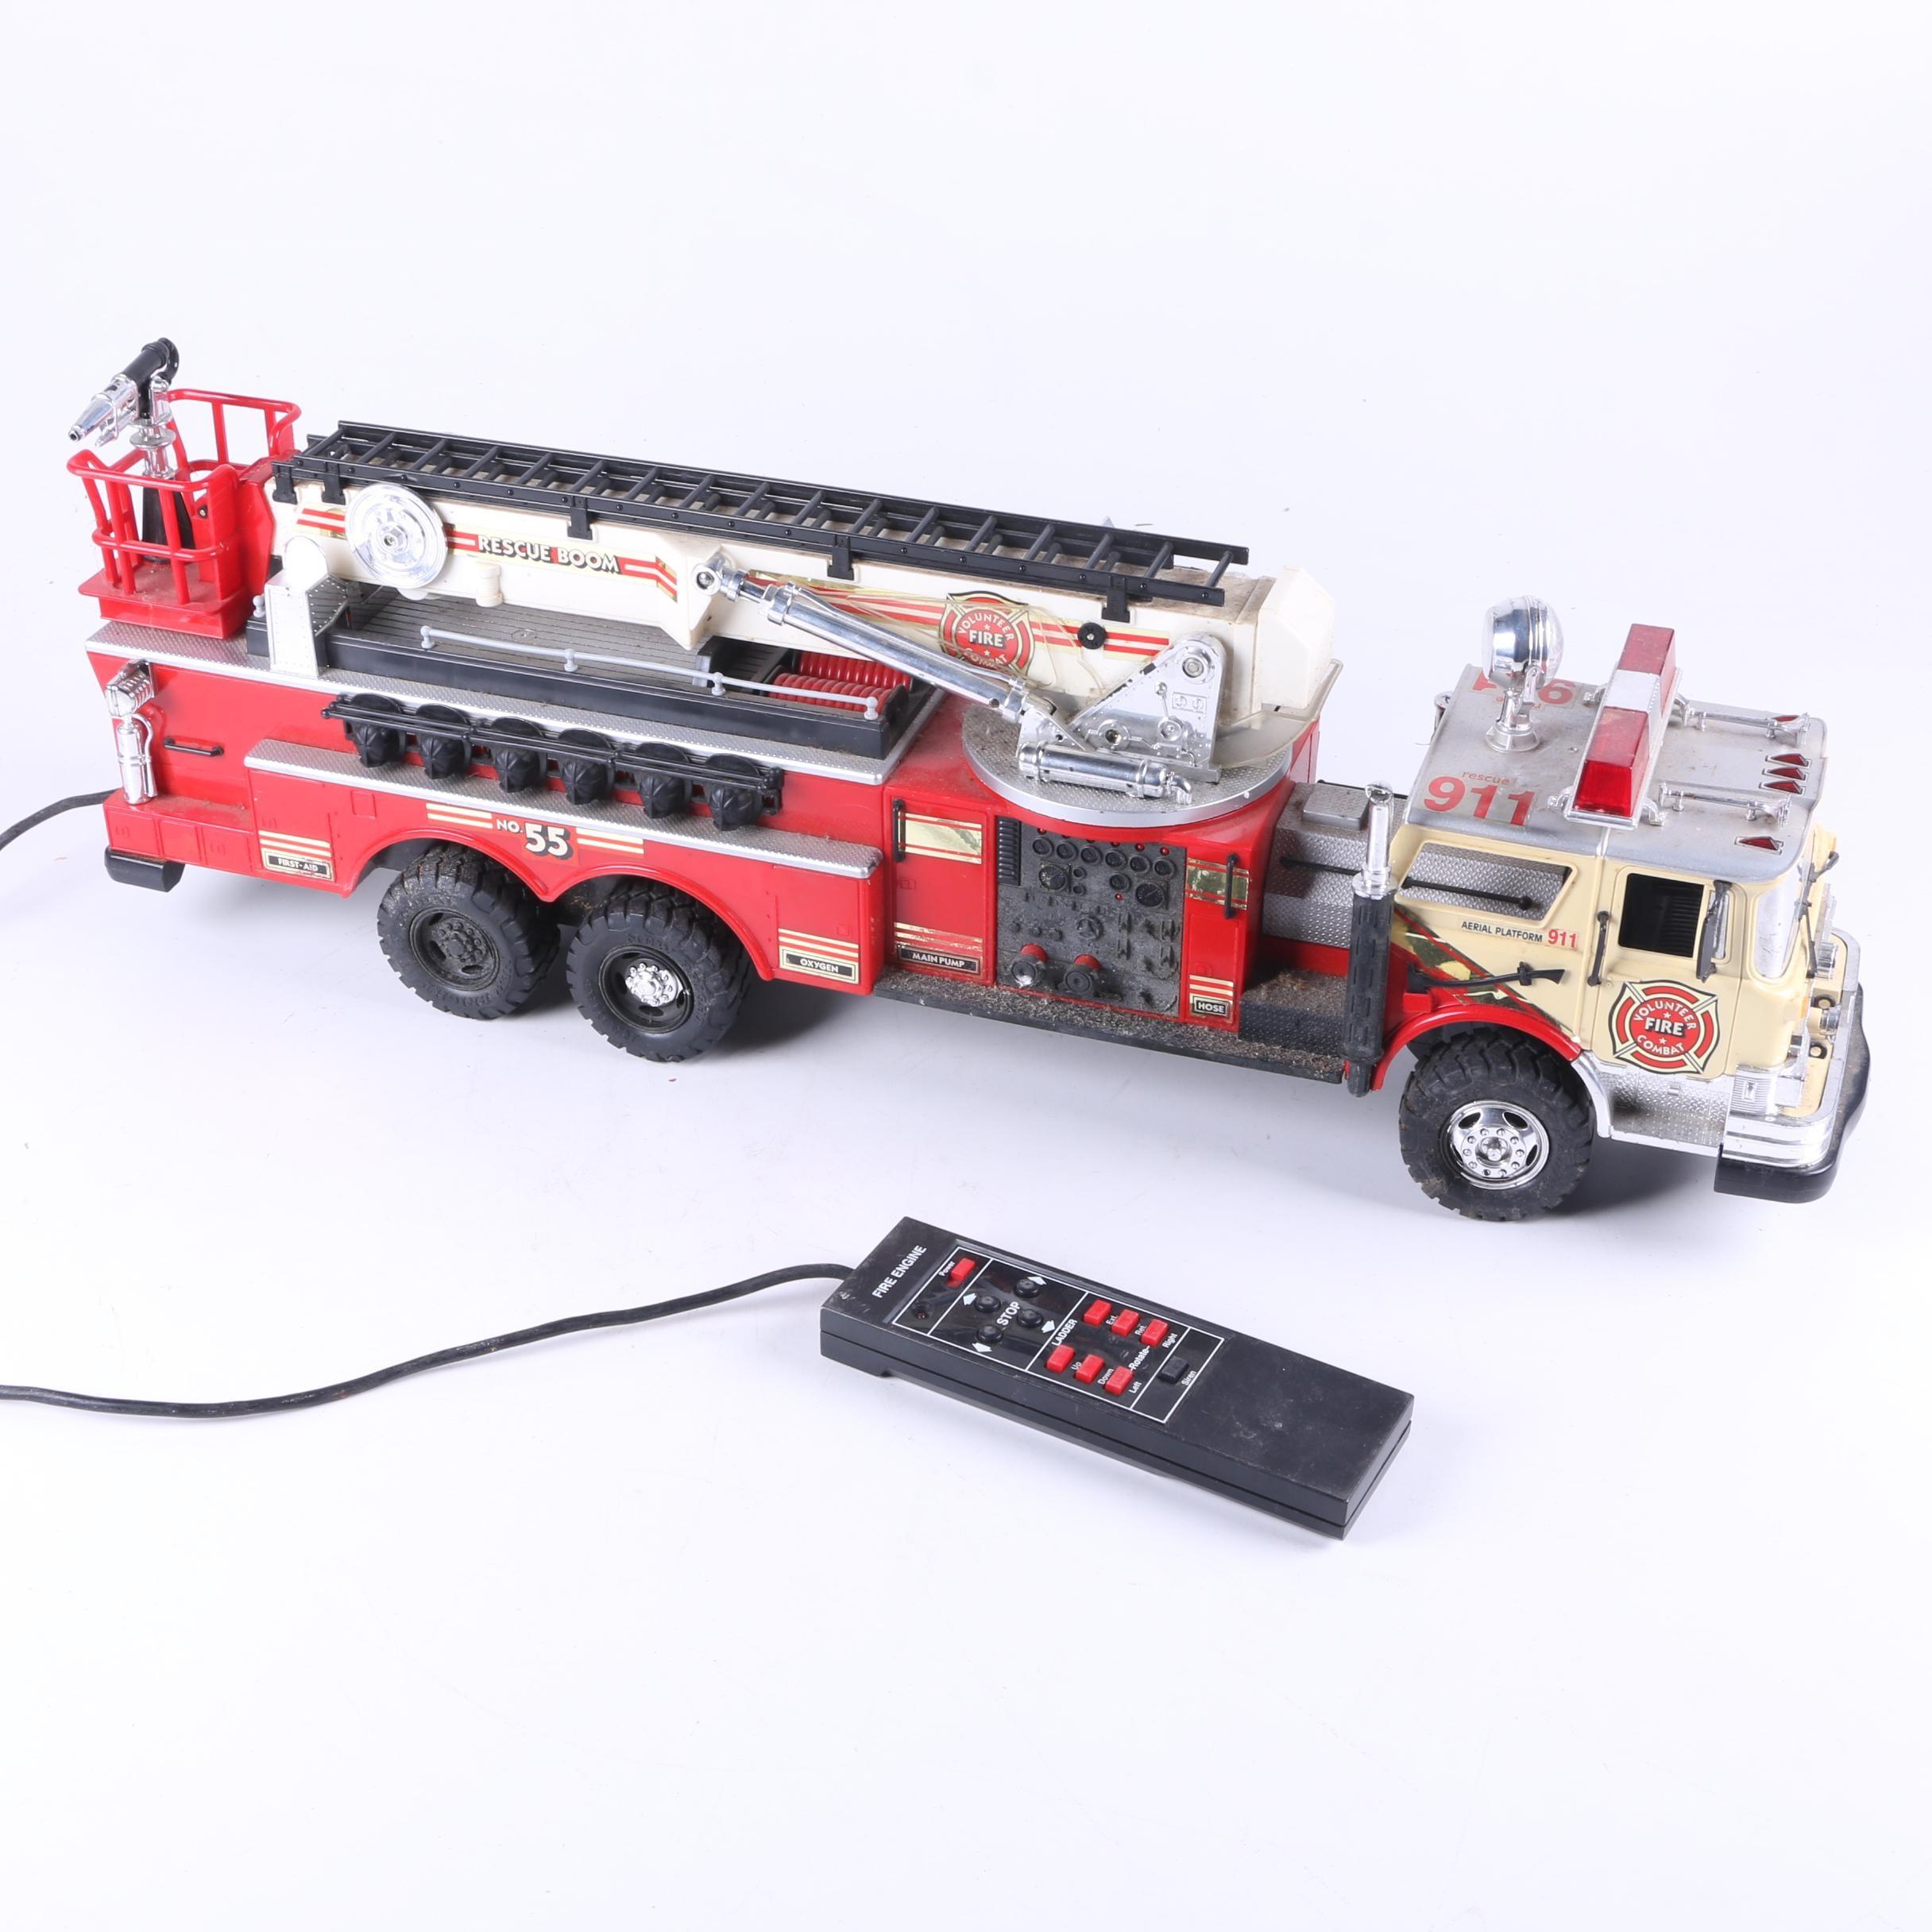 1988 New Bright Remote Control Fire Engine